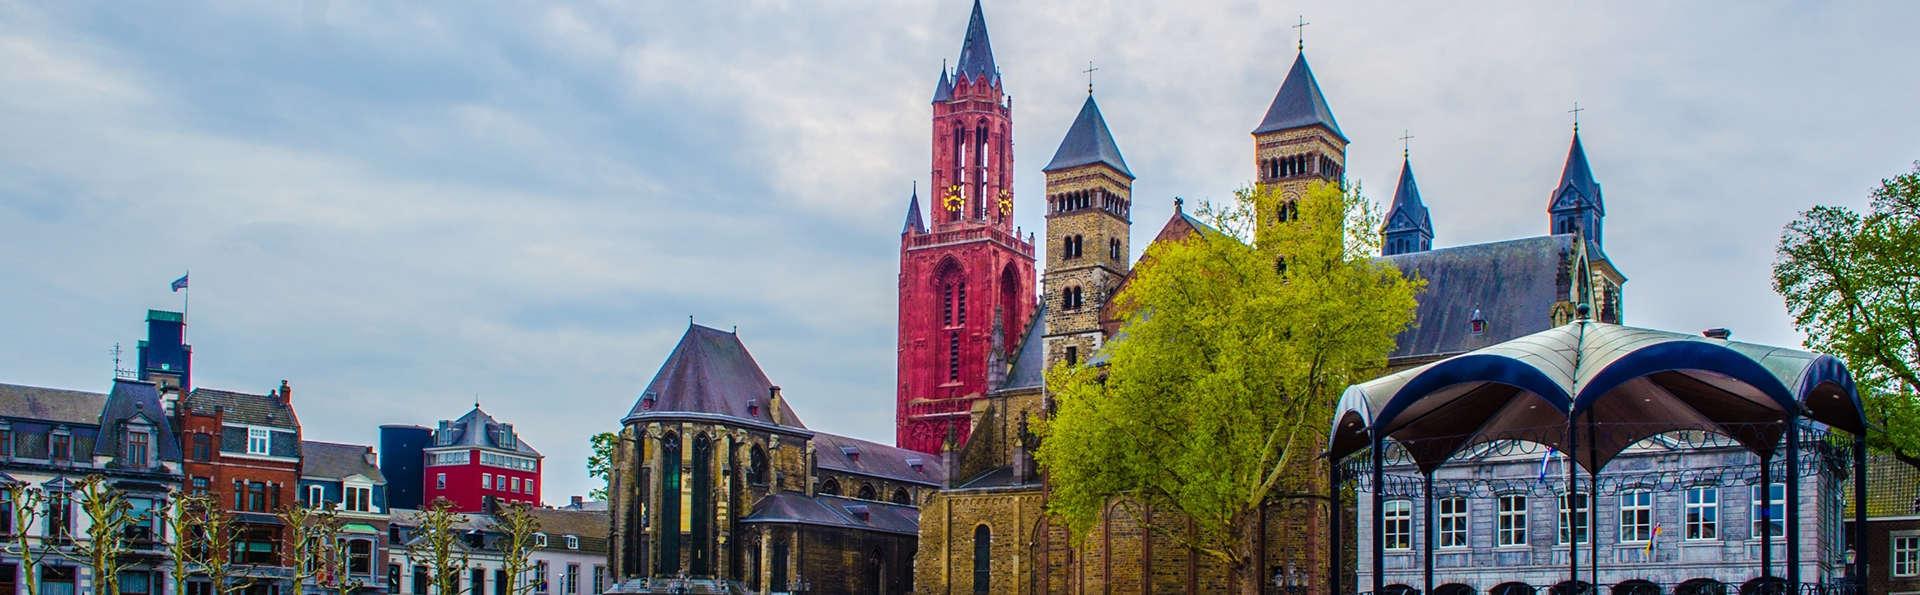 Séjournez dans une chambre confortable à Geleen et visitez la place Vrijthof à Maastricht